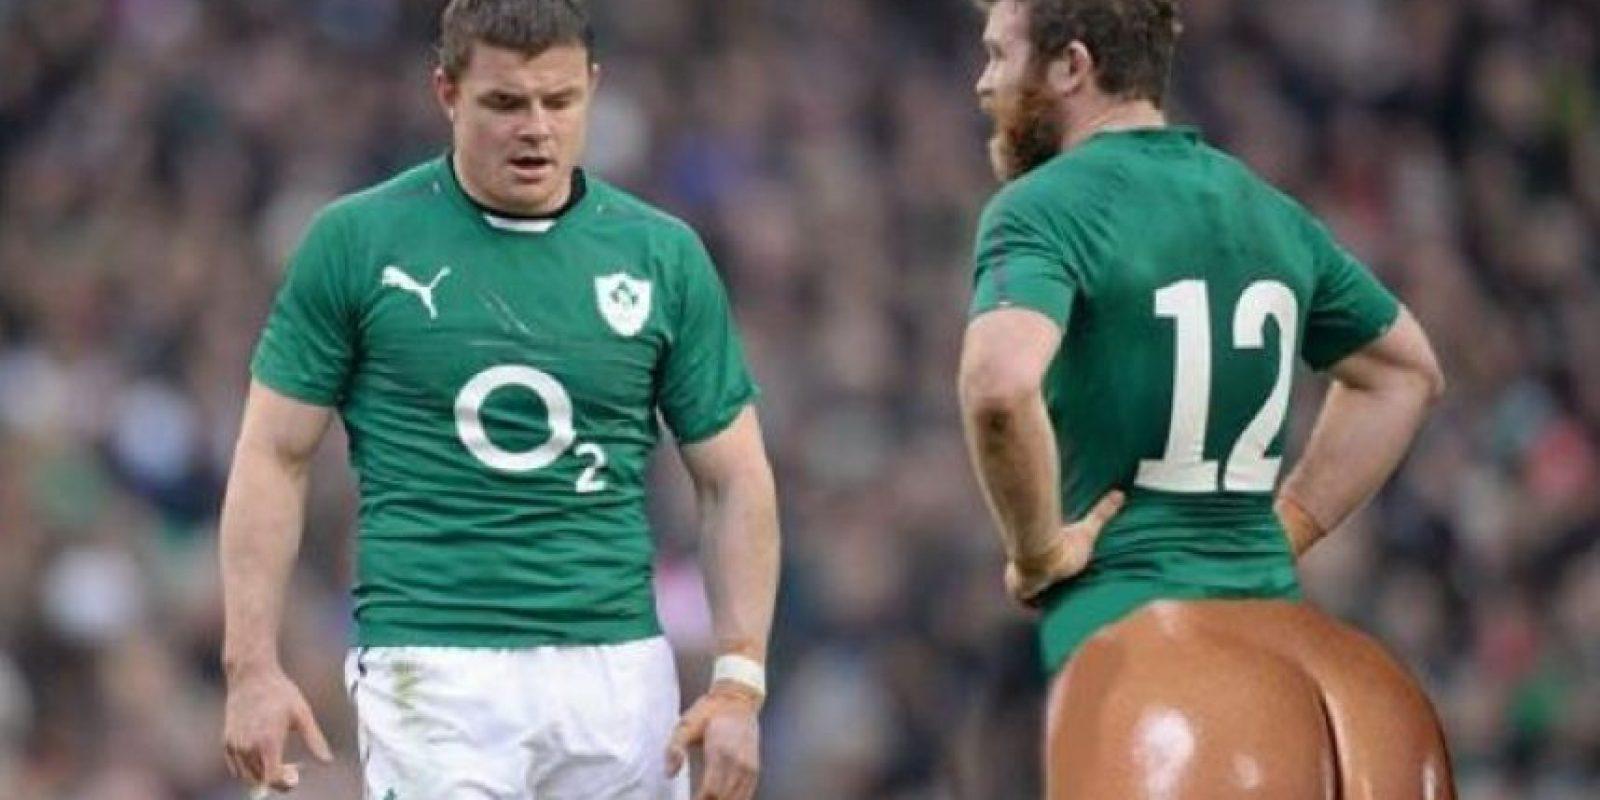 Los glúteos de Kim llegan hasta el rugby Foto:Twitter